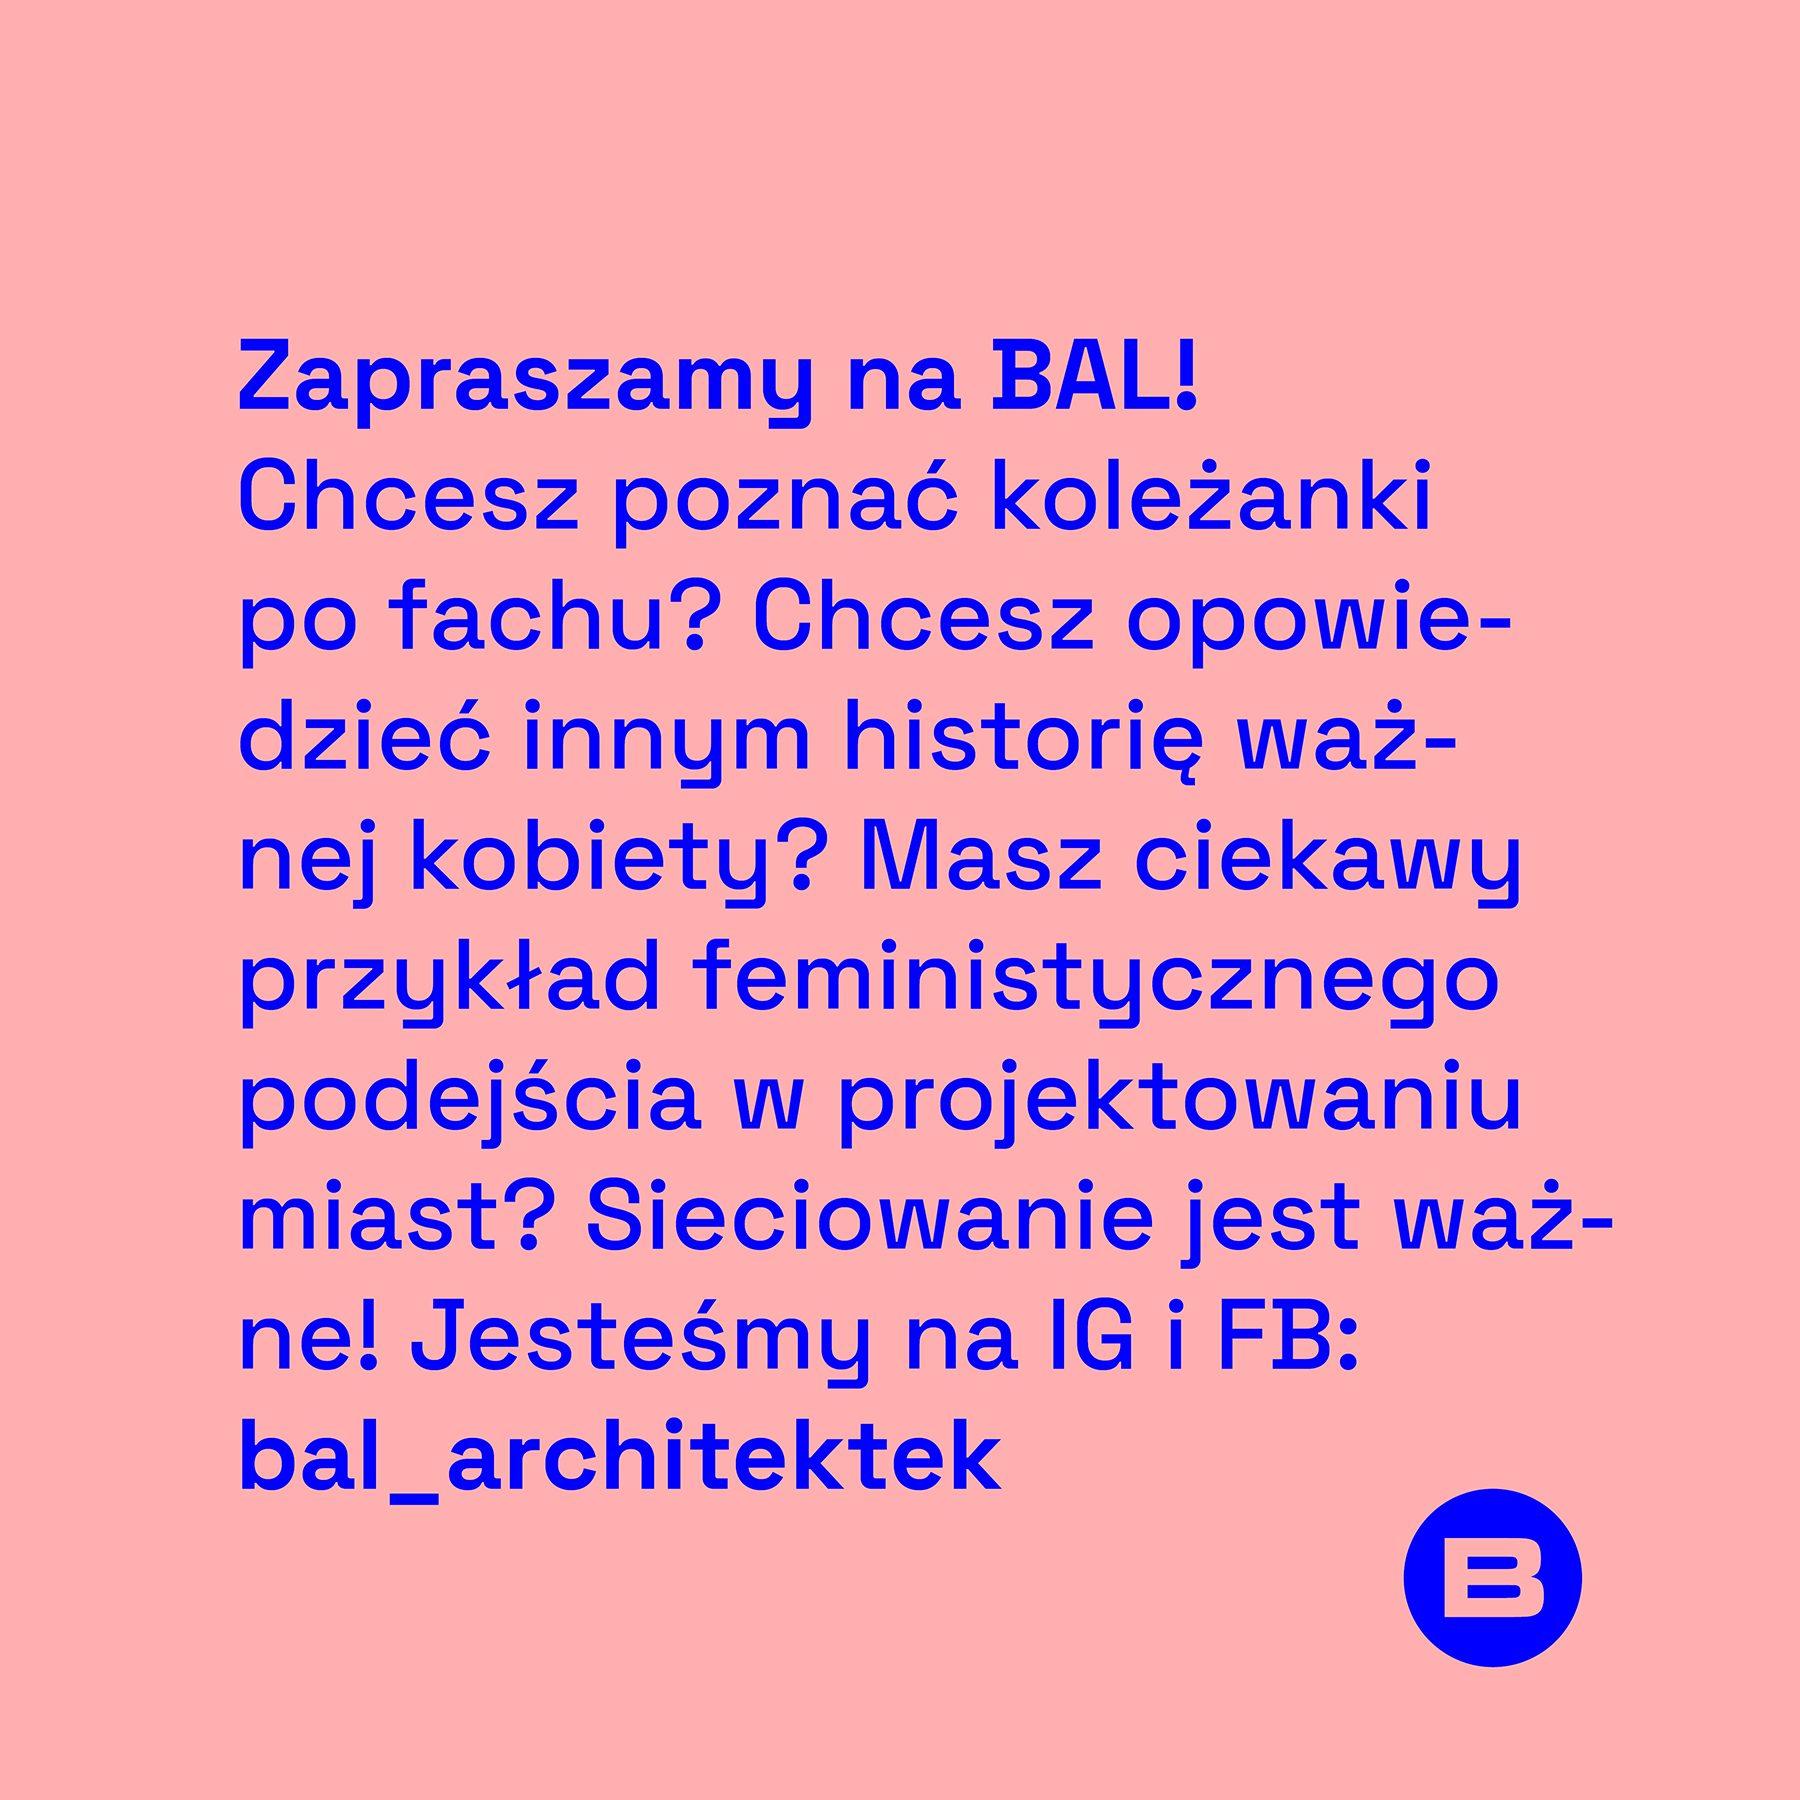 BAL_architektek_designalive-3